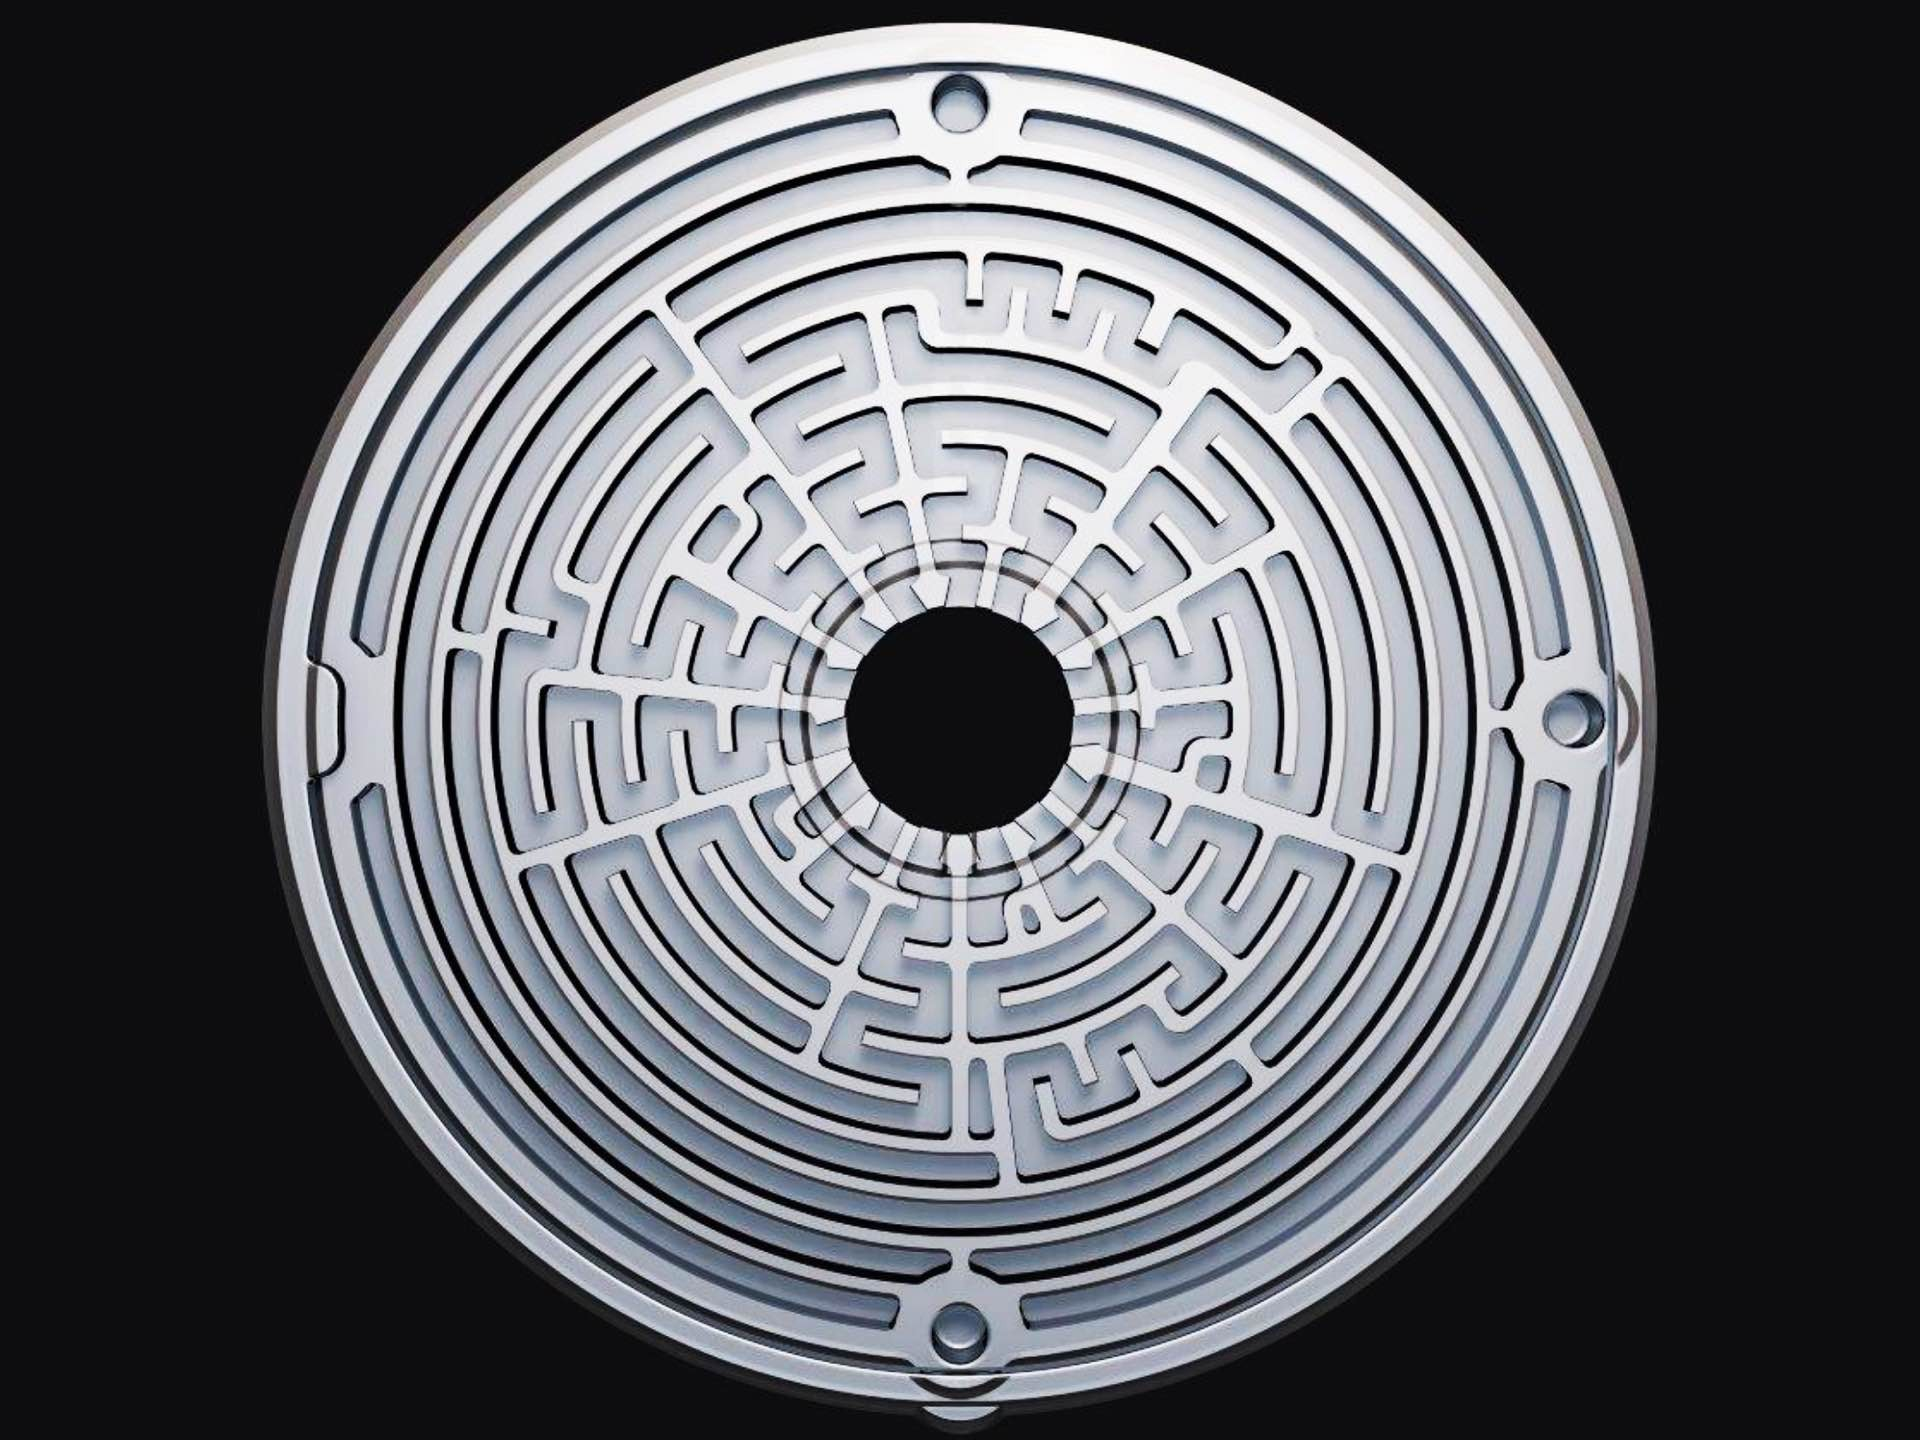 kef-ls50-meta-bookshelf-loudspeakers-mat-metamaterial-absorber